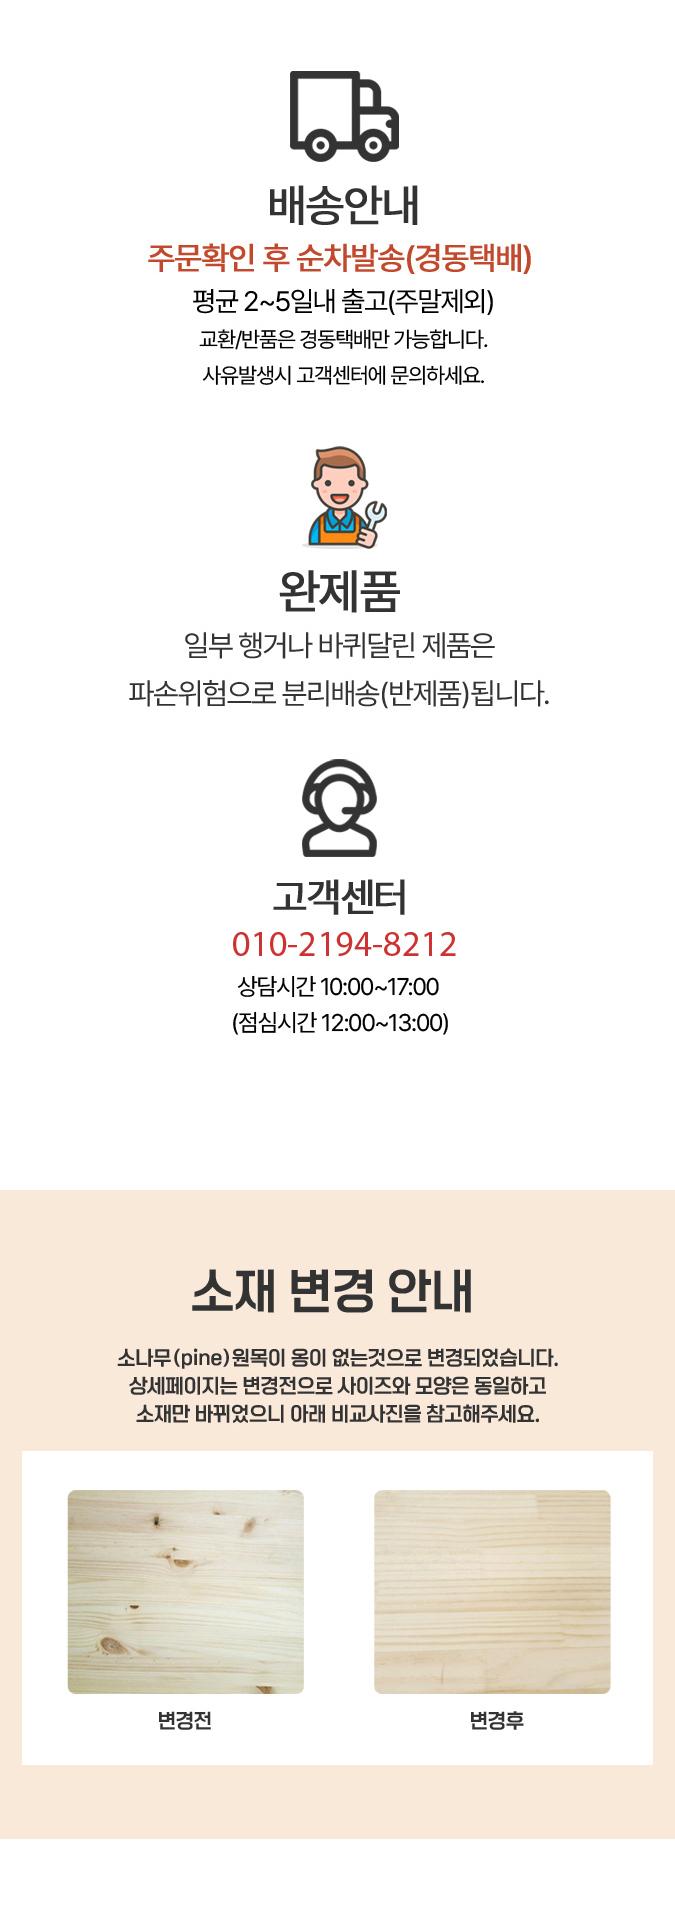 퍼니퍼니 토이박스 - 메이크엔젤, 106,000원, 가구, 정리함